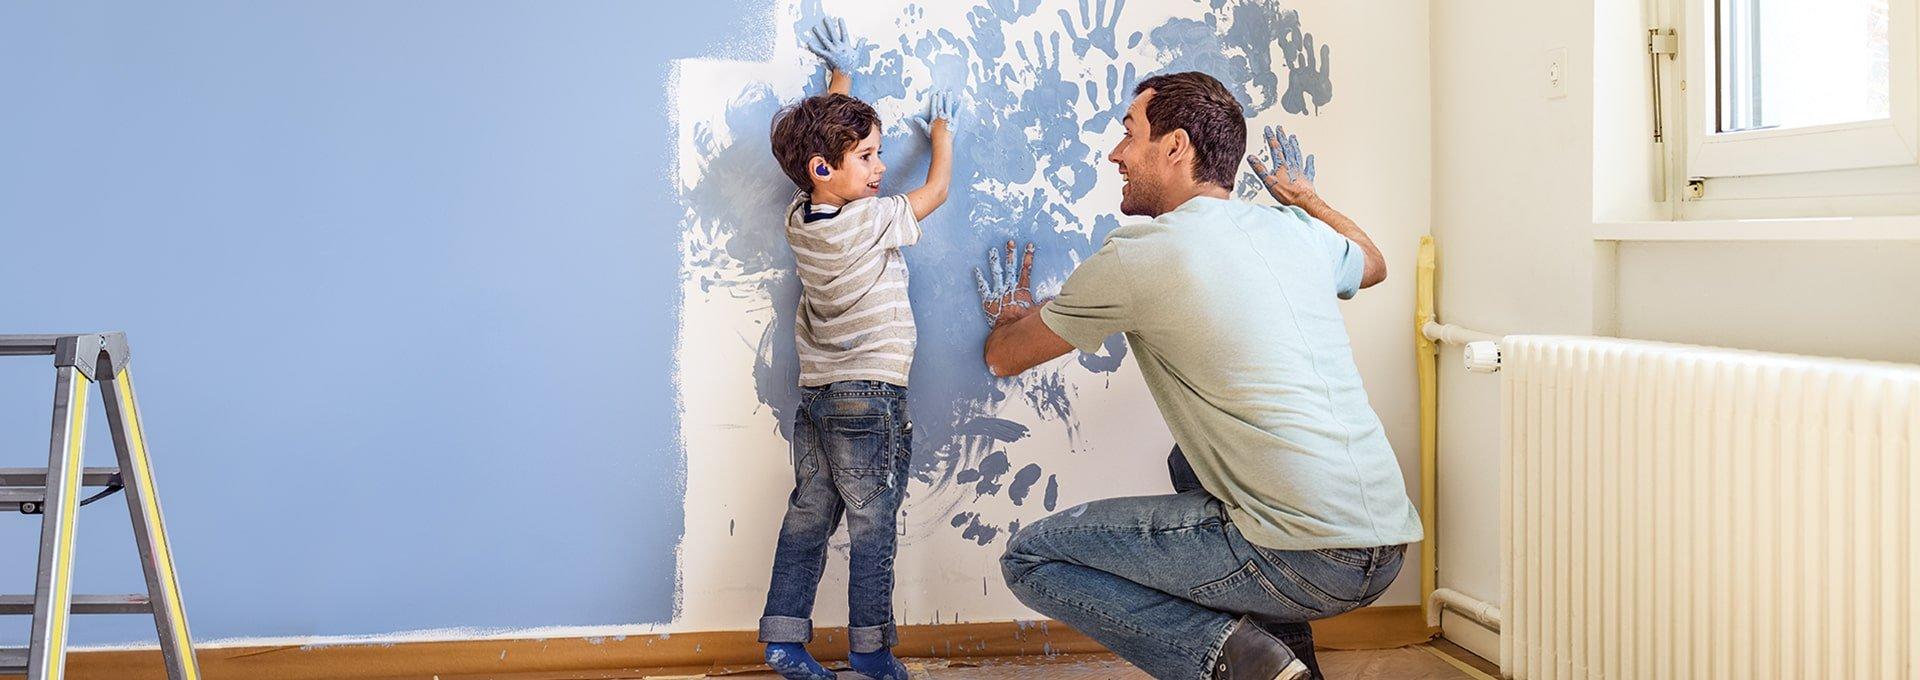 Vader en zoon met Bernafon Leox Super Power Ultra Power hoortoestellen schilderen spontaan een muur en voegen handafdrukken toe.